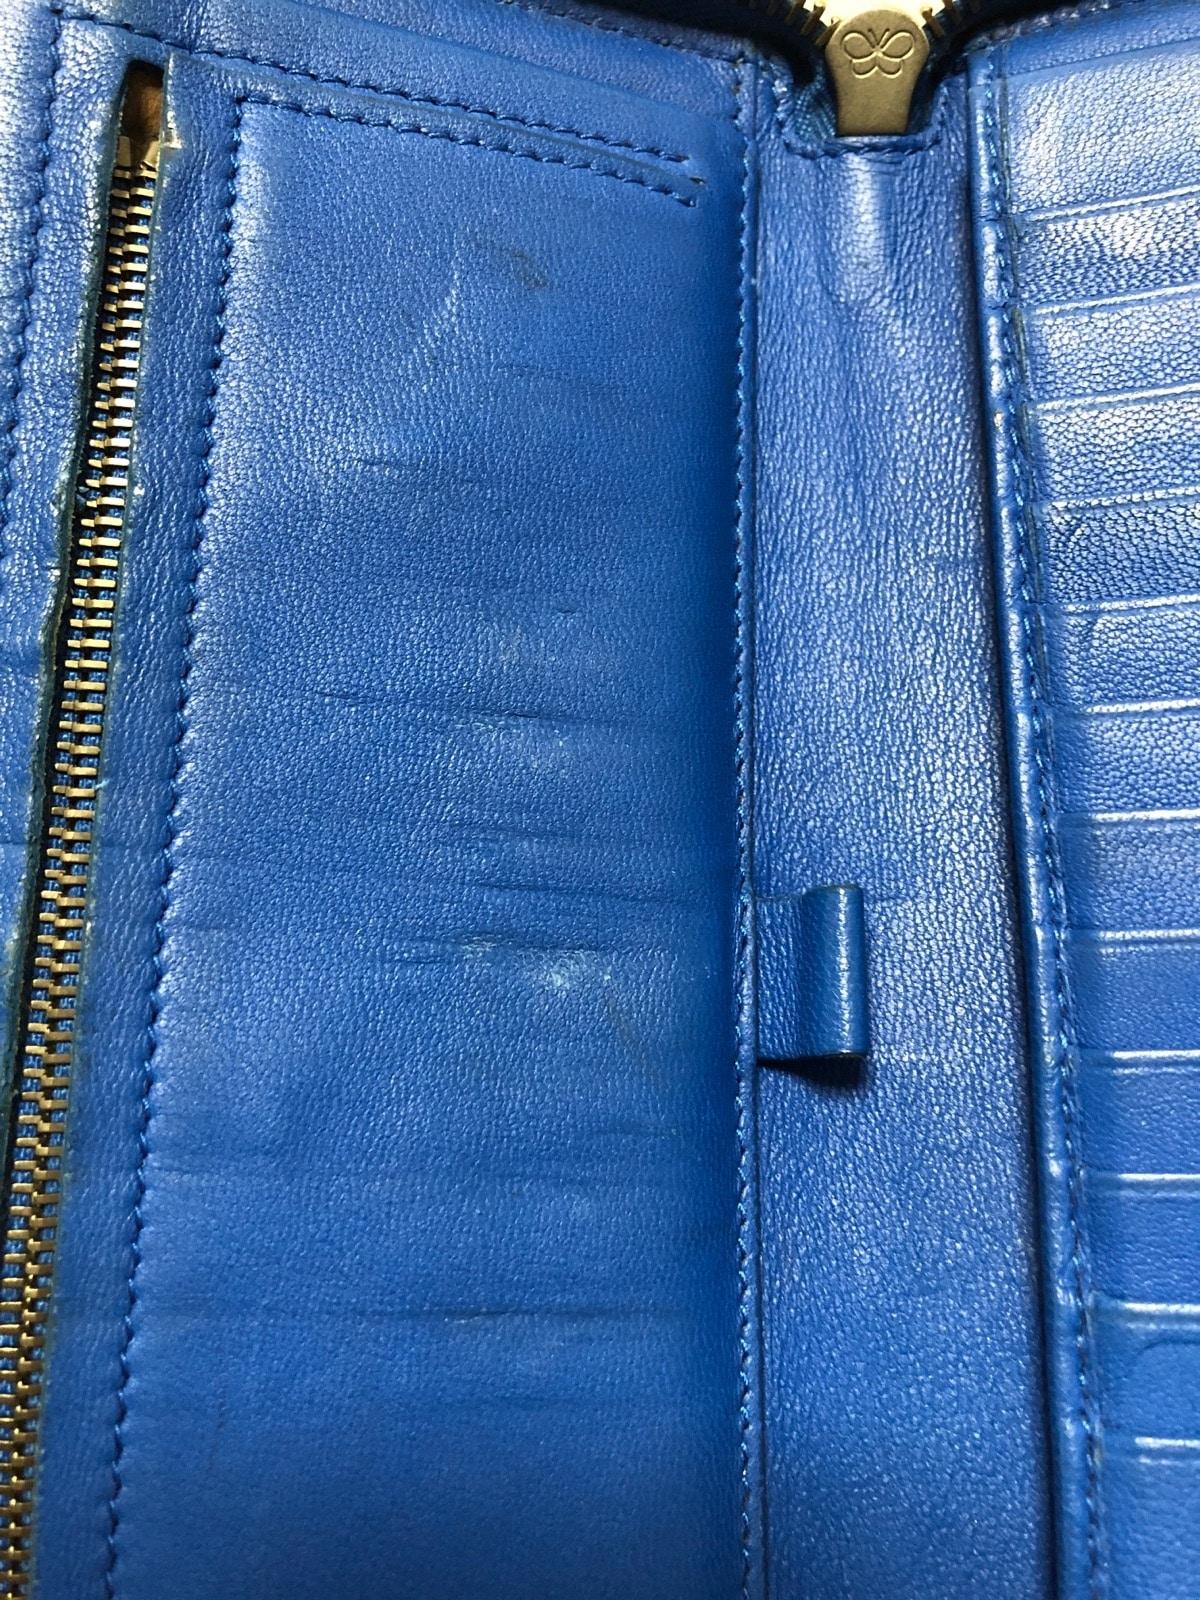 5fc19f3c4860 ボッテガヴェネタ 長財布 イントレチャート B05292904Q ブルー(13228865 ...